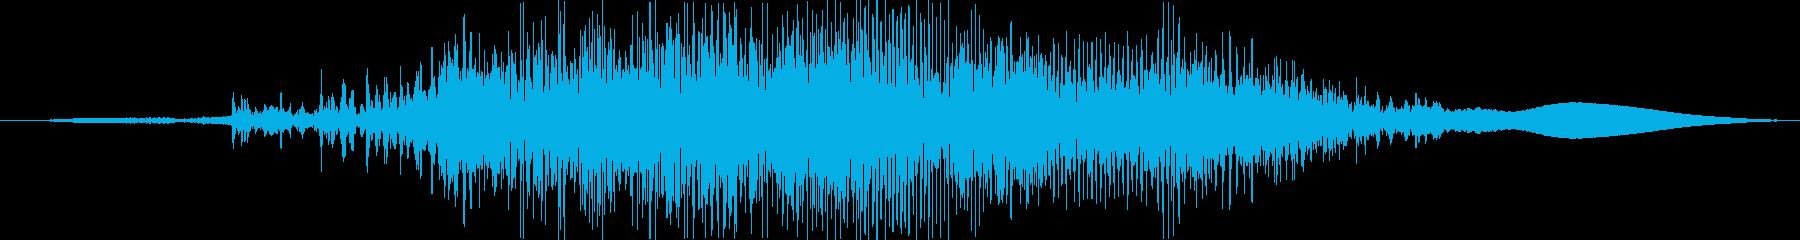 ジー(ジッパーの音※高速)の再生済みの波形